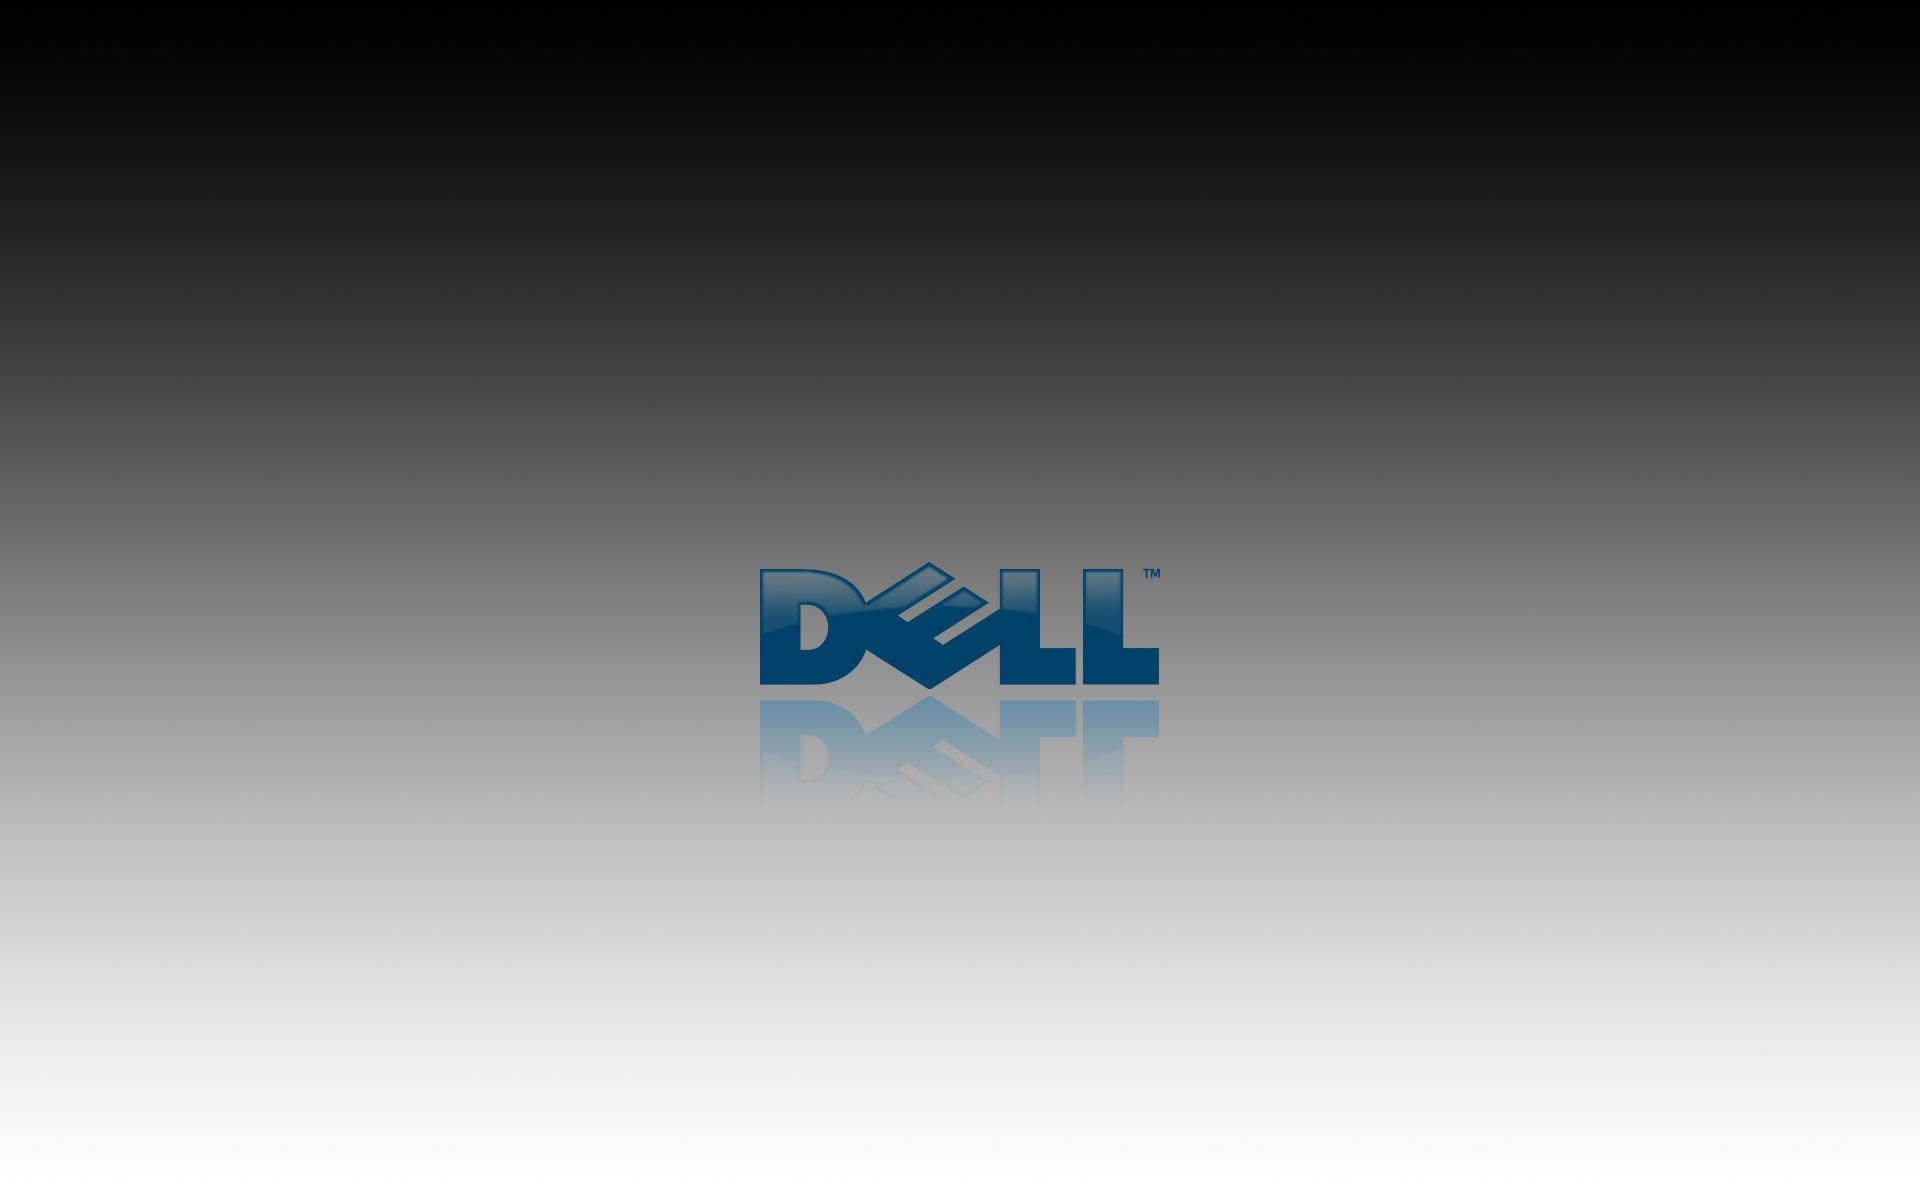 Dell HD Wallpapers Wallpaper Downloads Dell HD Desktop in 1920x1200